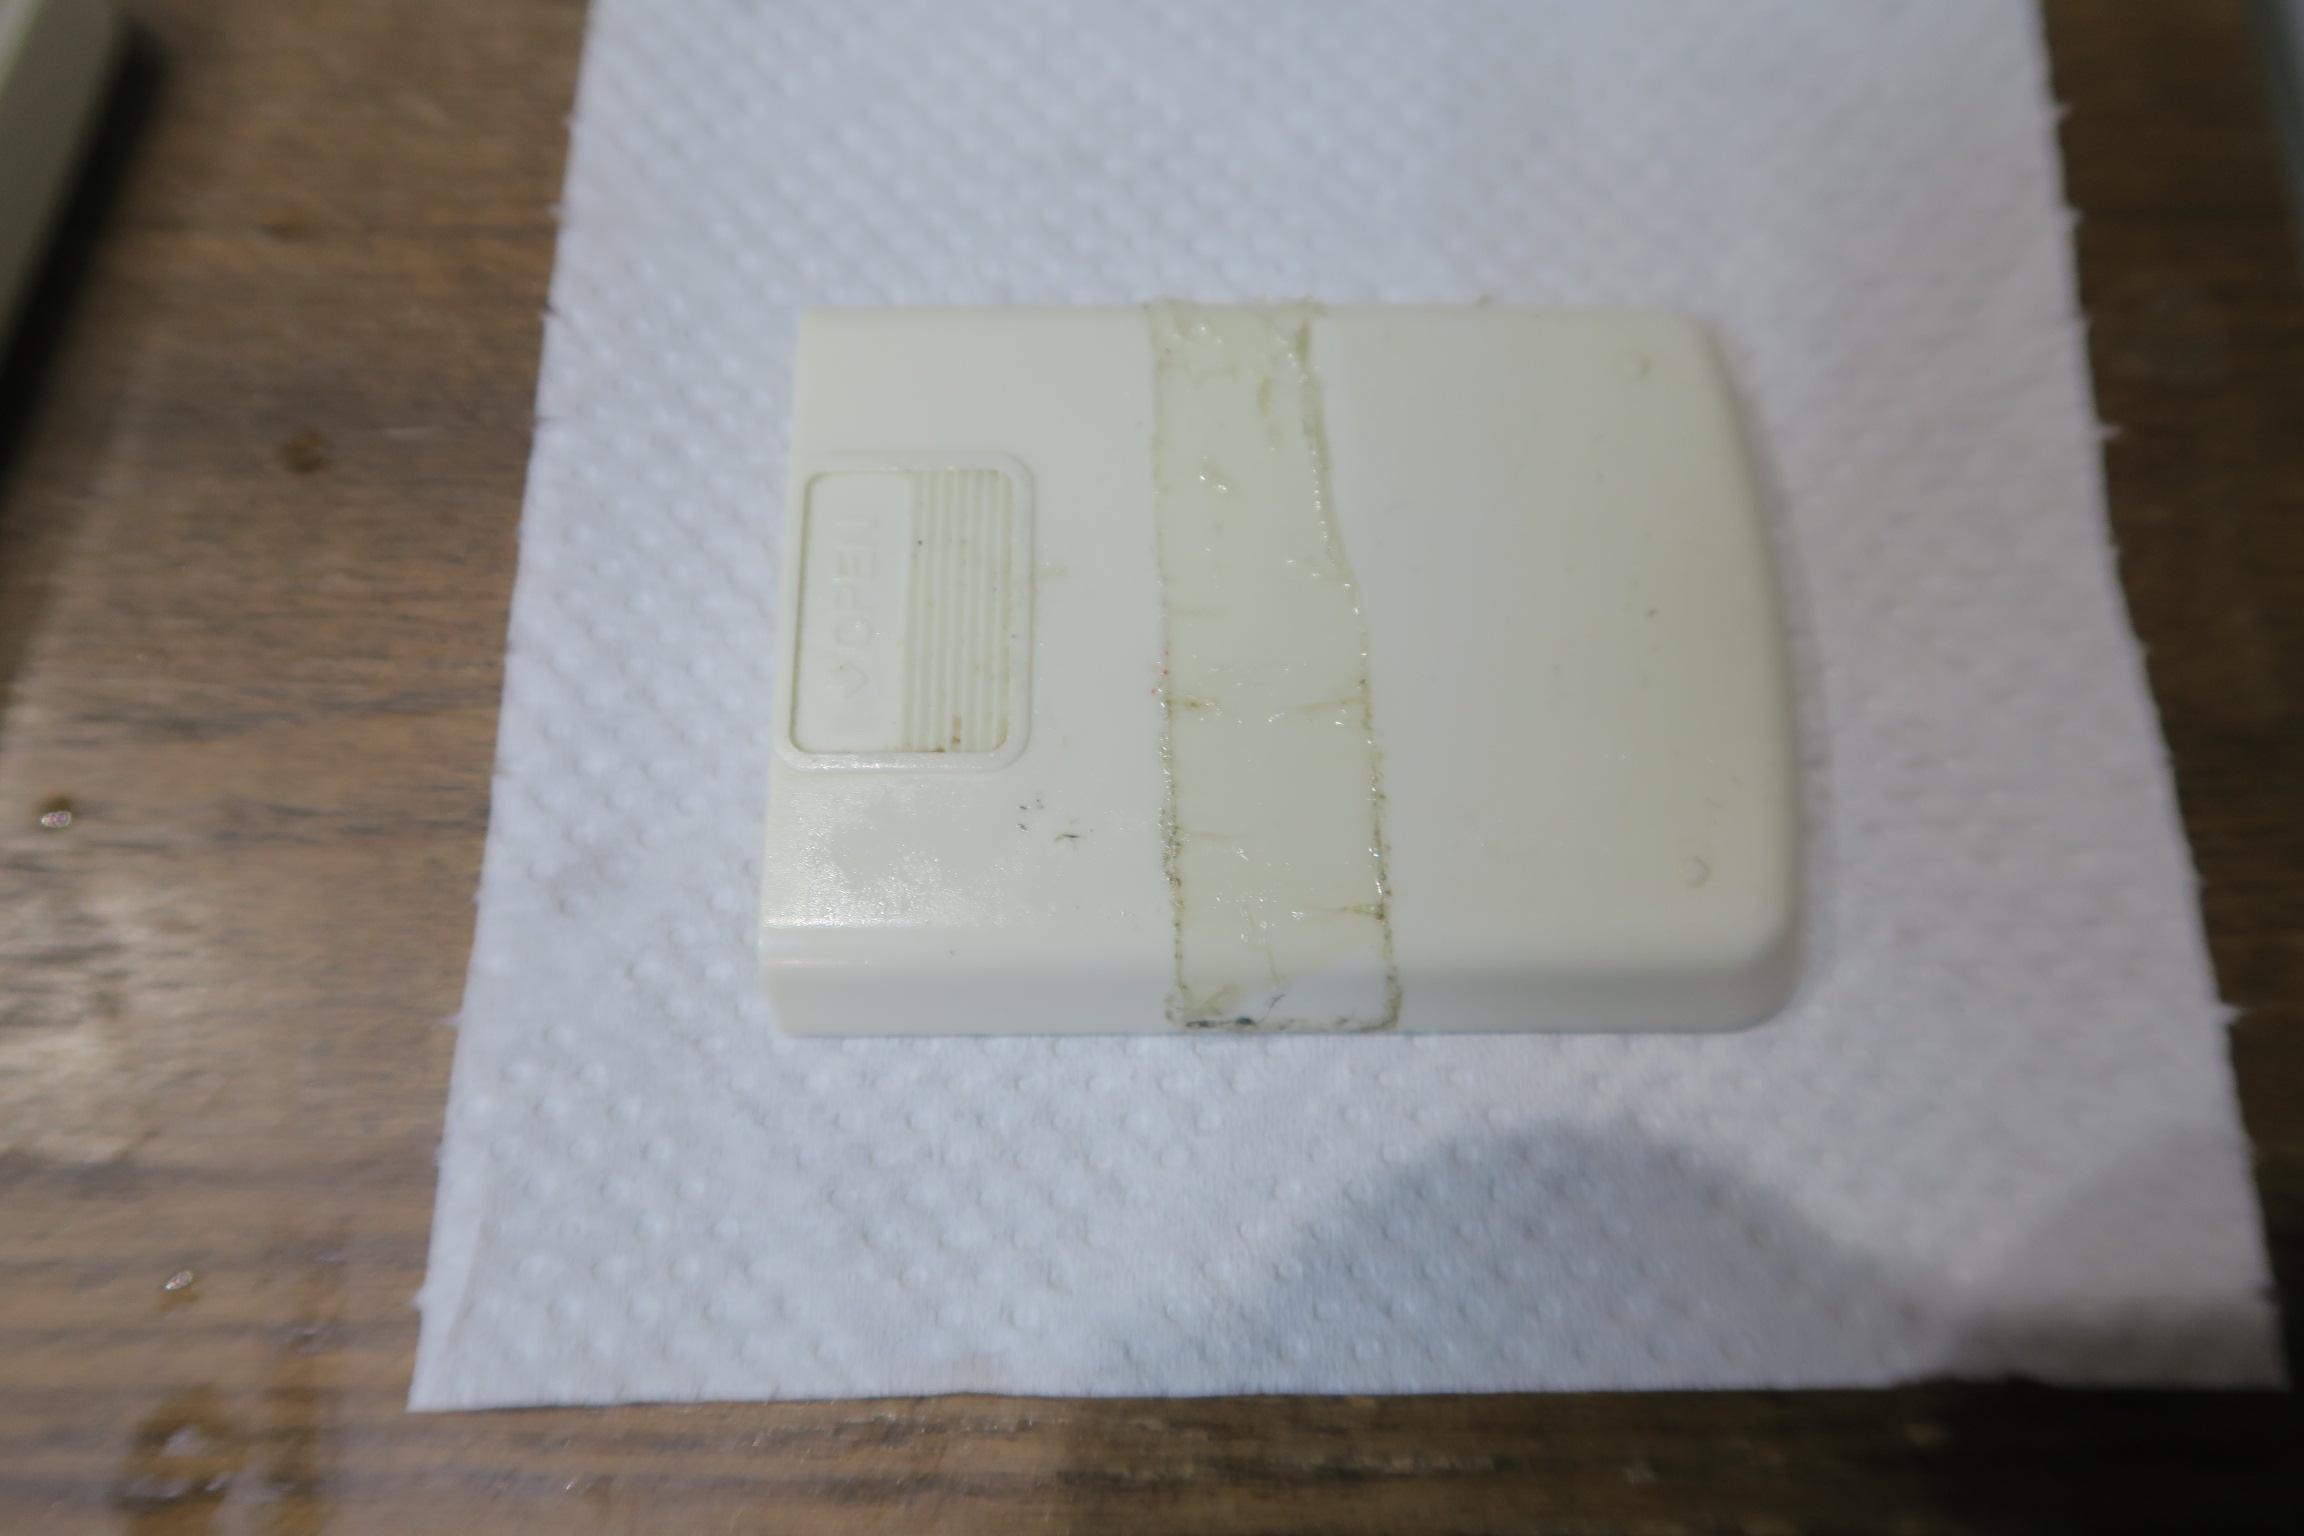 リモコンについたテープ跡